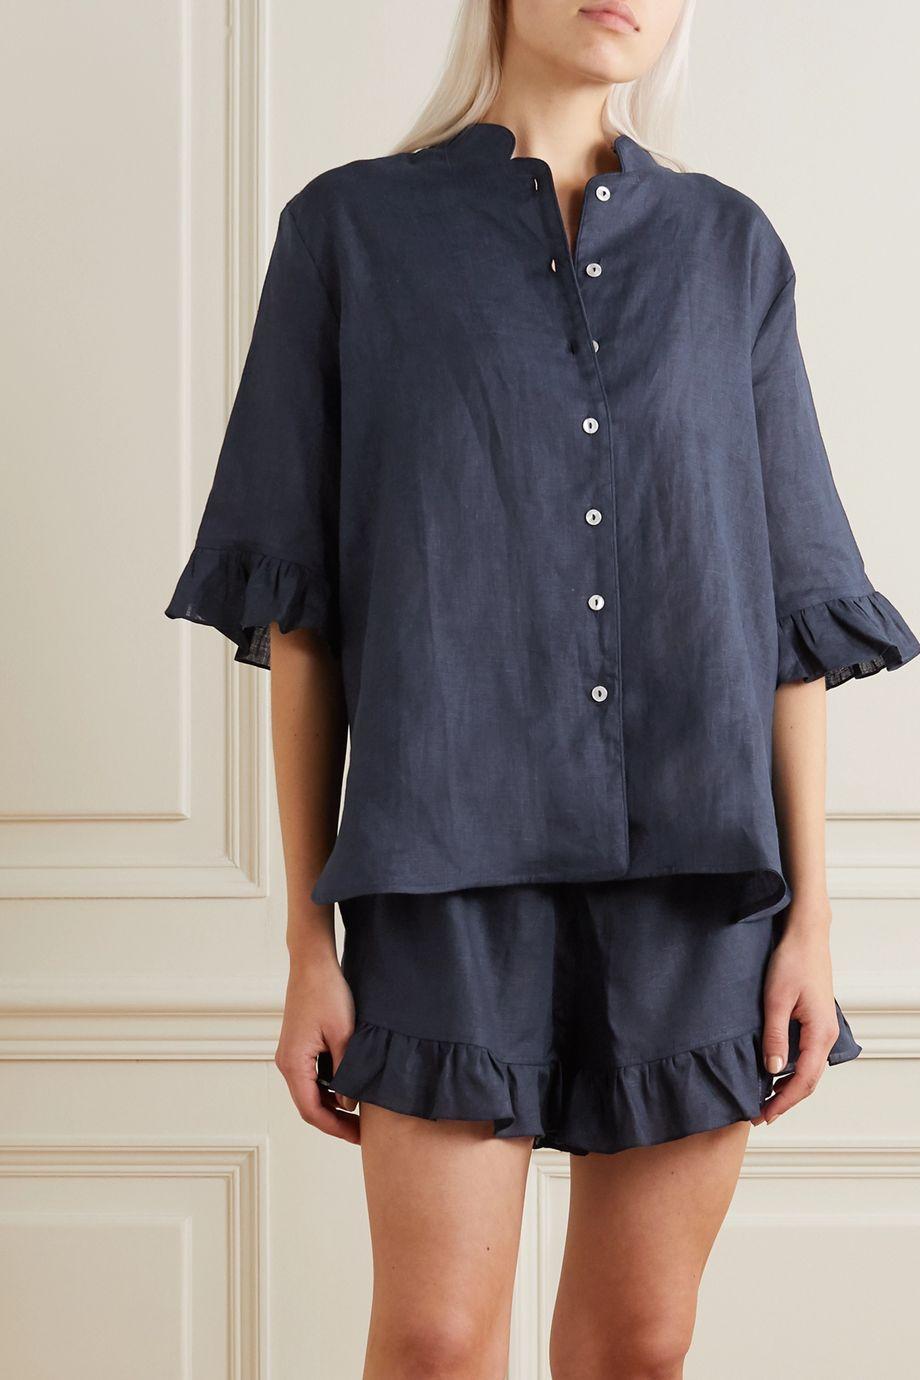 Sleeper Pyjama aus Leinen mit Rüschen